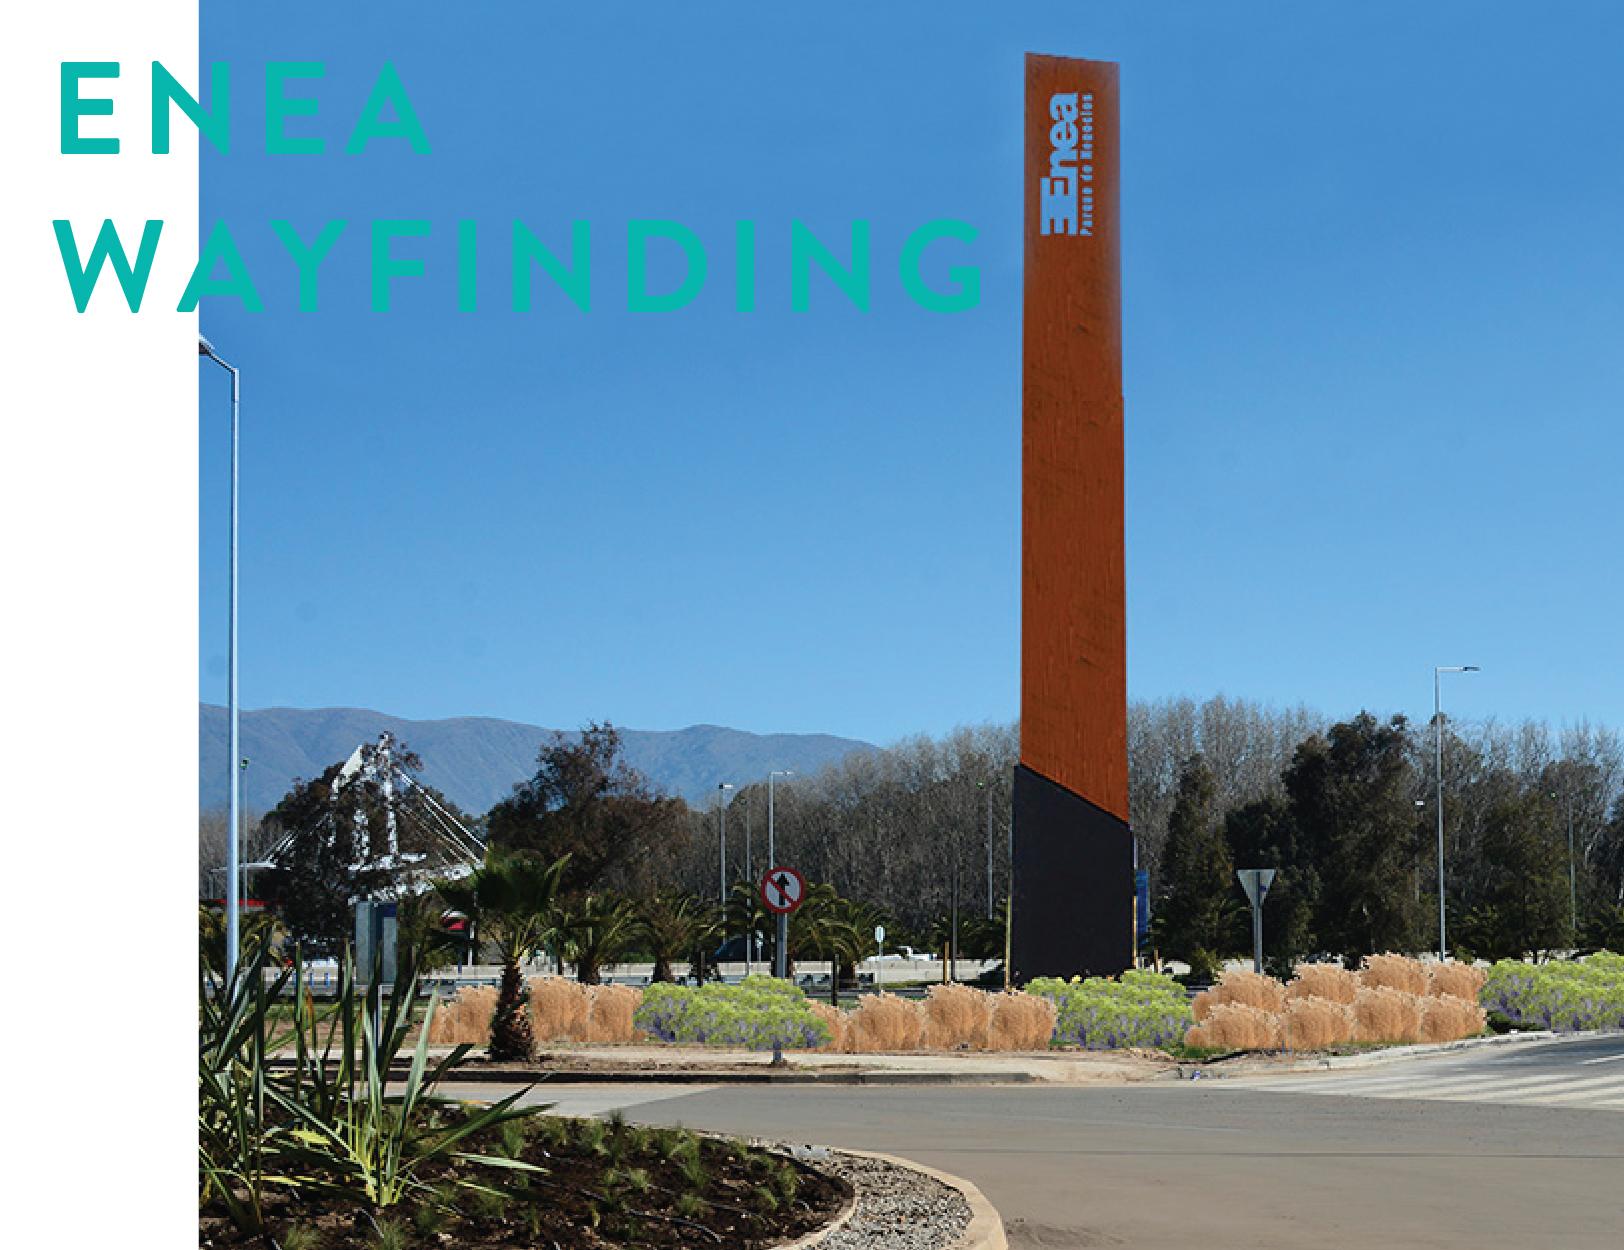 Formato Panoramico ENEA WAYFINDING-01.jpg